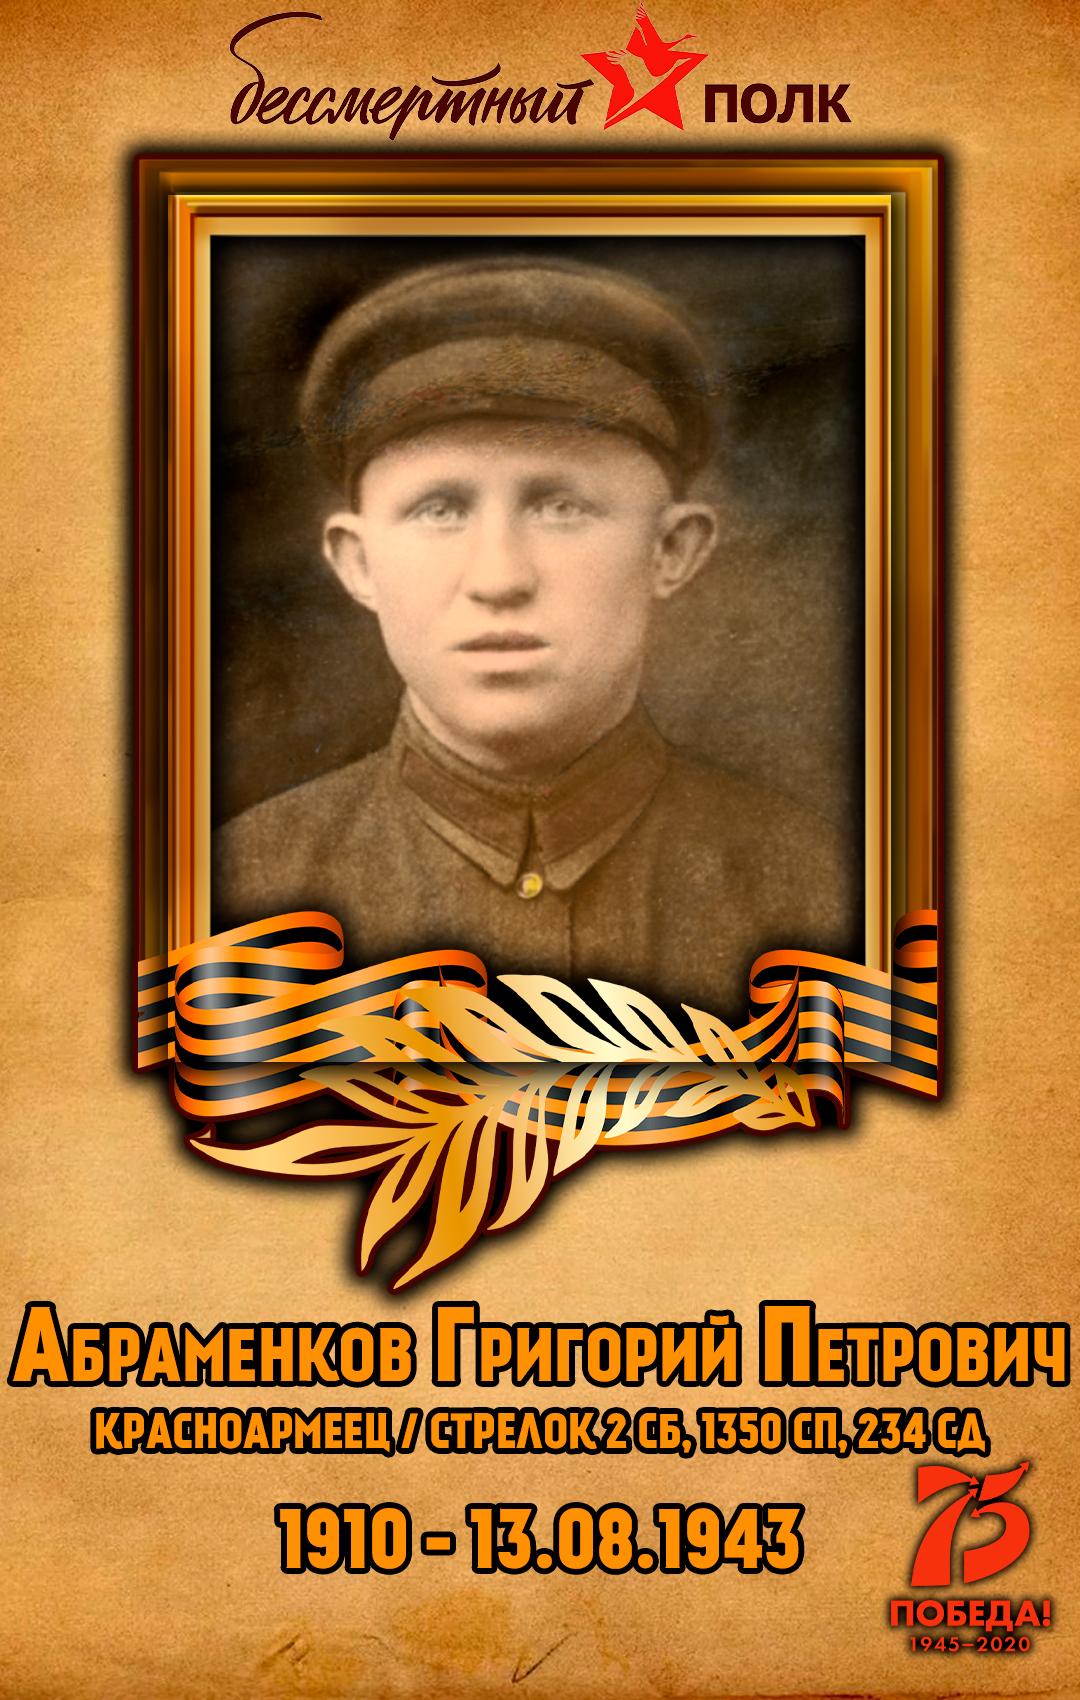 Абраменков-Григорий-Петрович